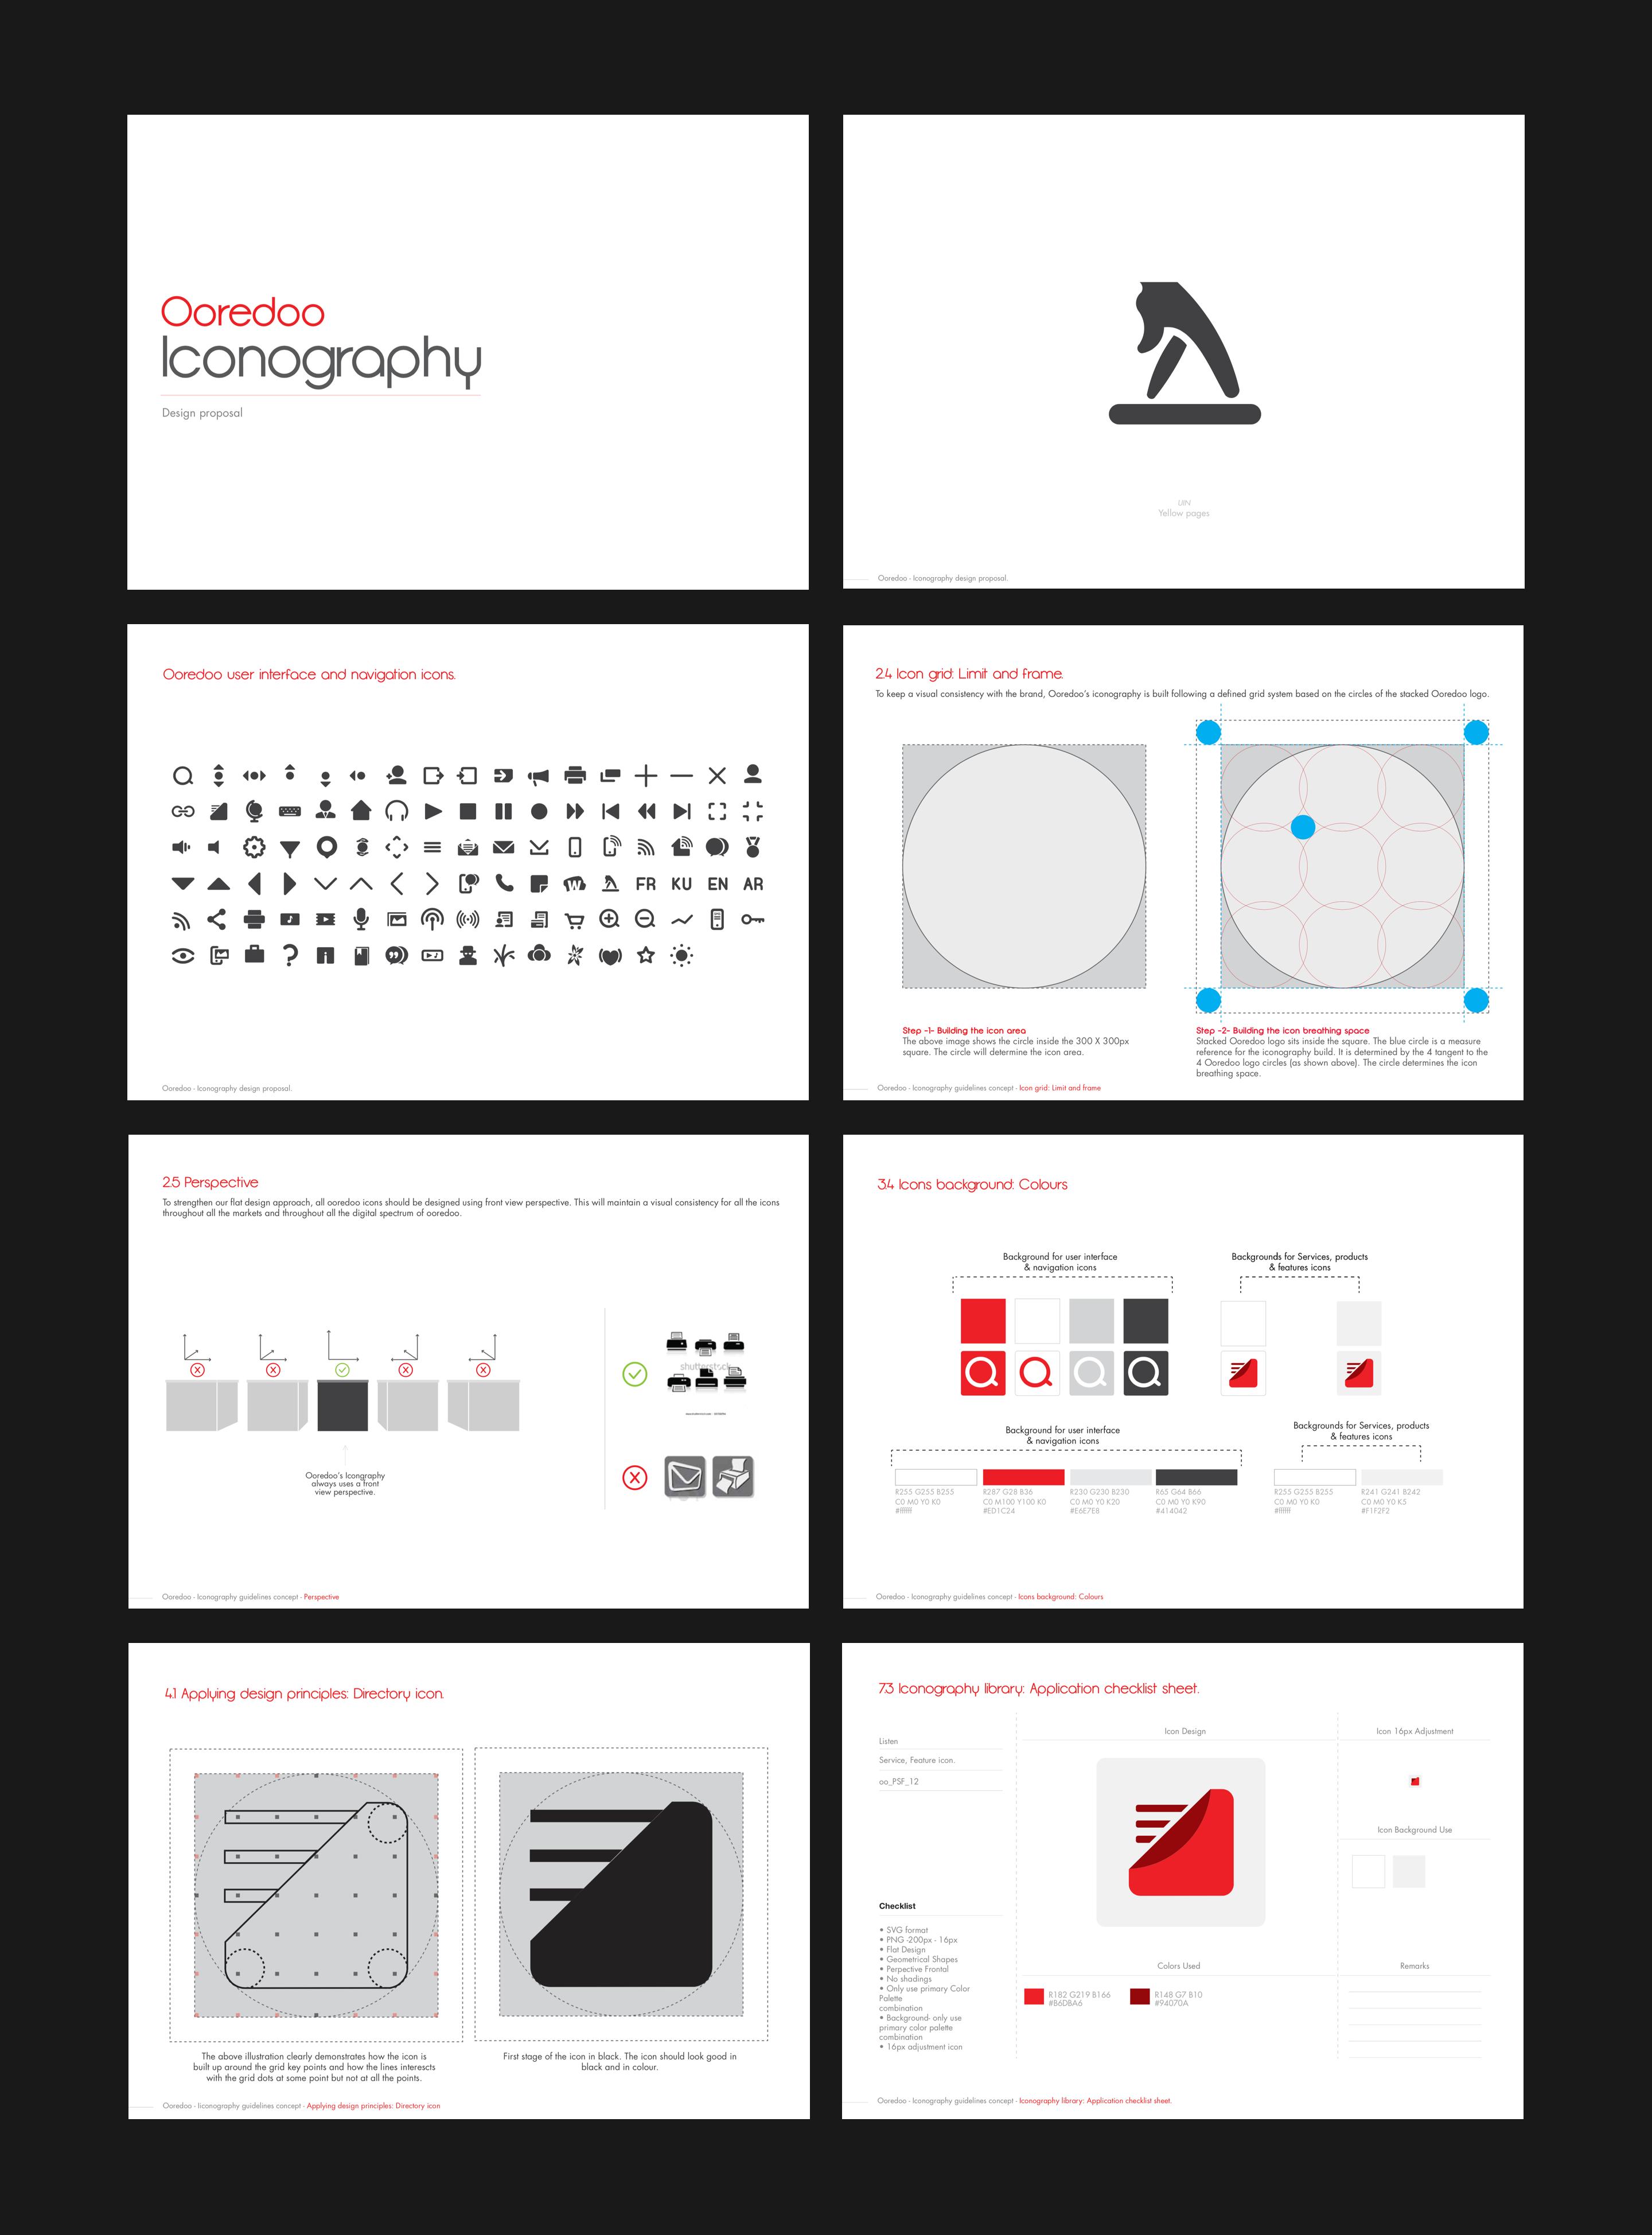 Iconography1